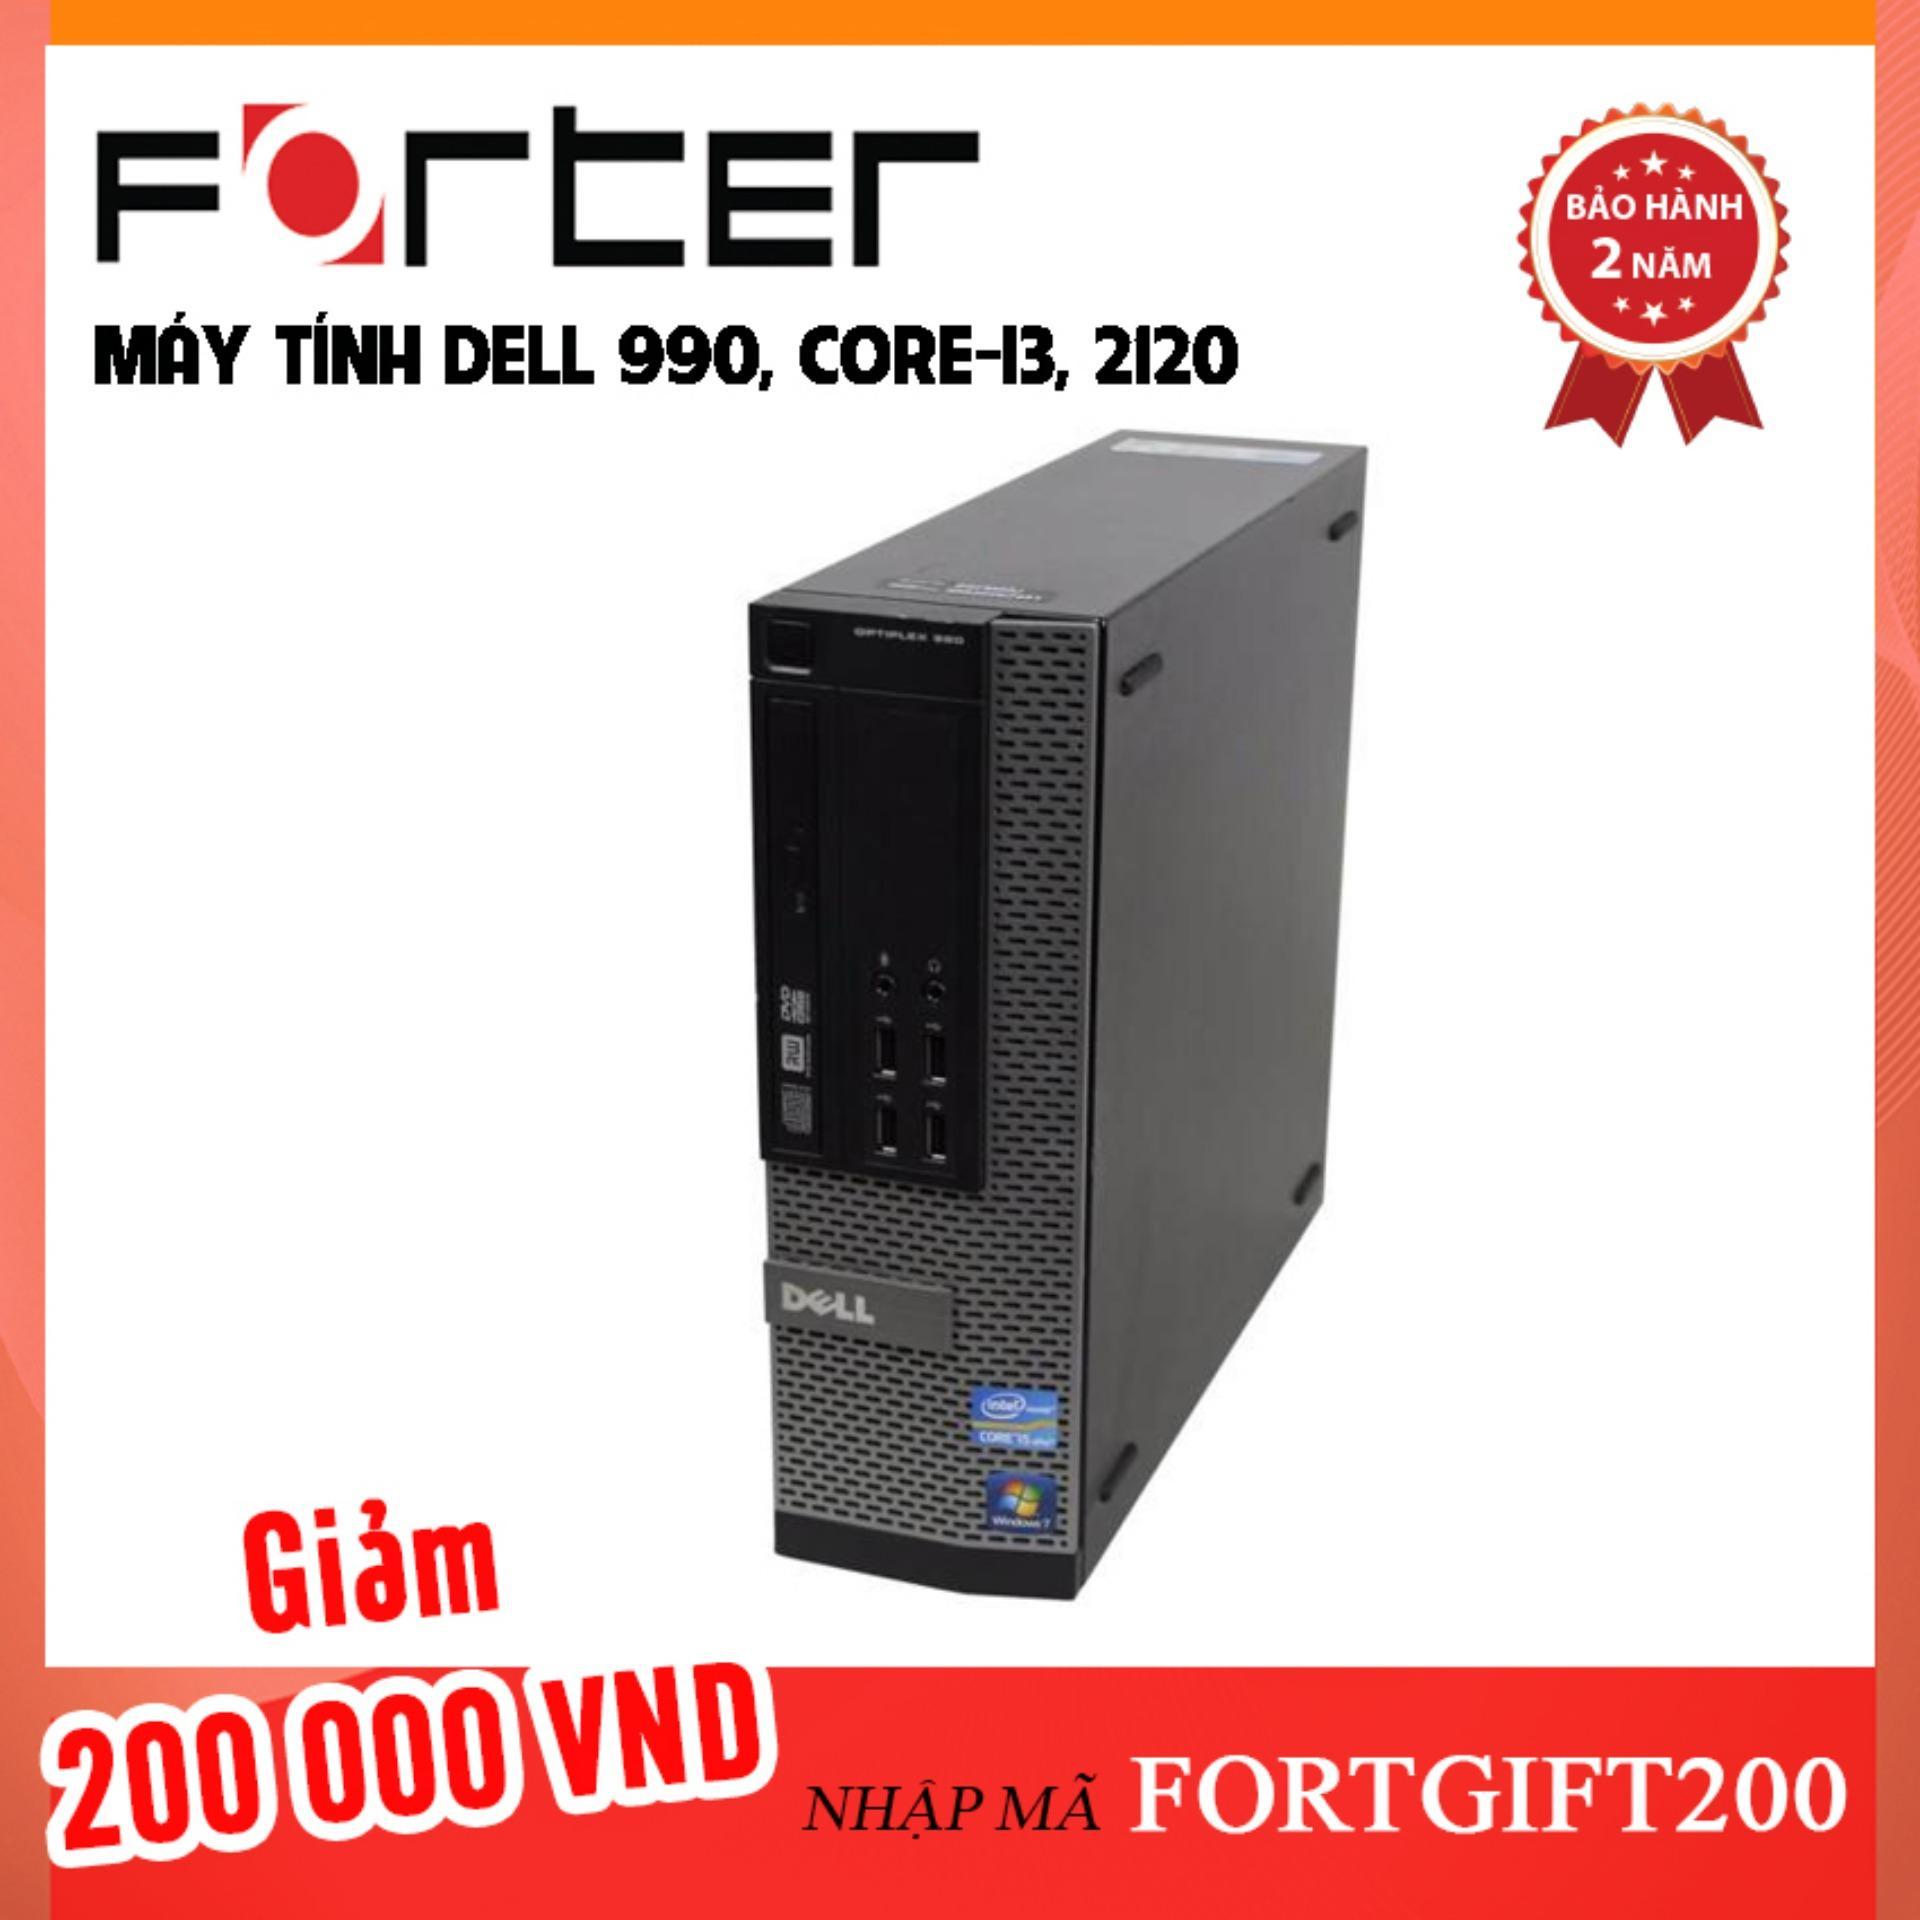 Máy tính Dell 990, core-i3, 2120, cache 3.3M, Ram 4Gb, Hdd 320Gb DVD - Bảo Hành 1 đổi 1 trong 24 tháng - Hàng nhập khẩu